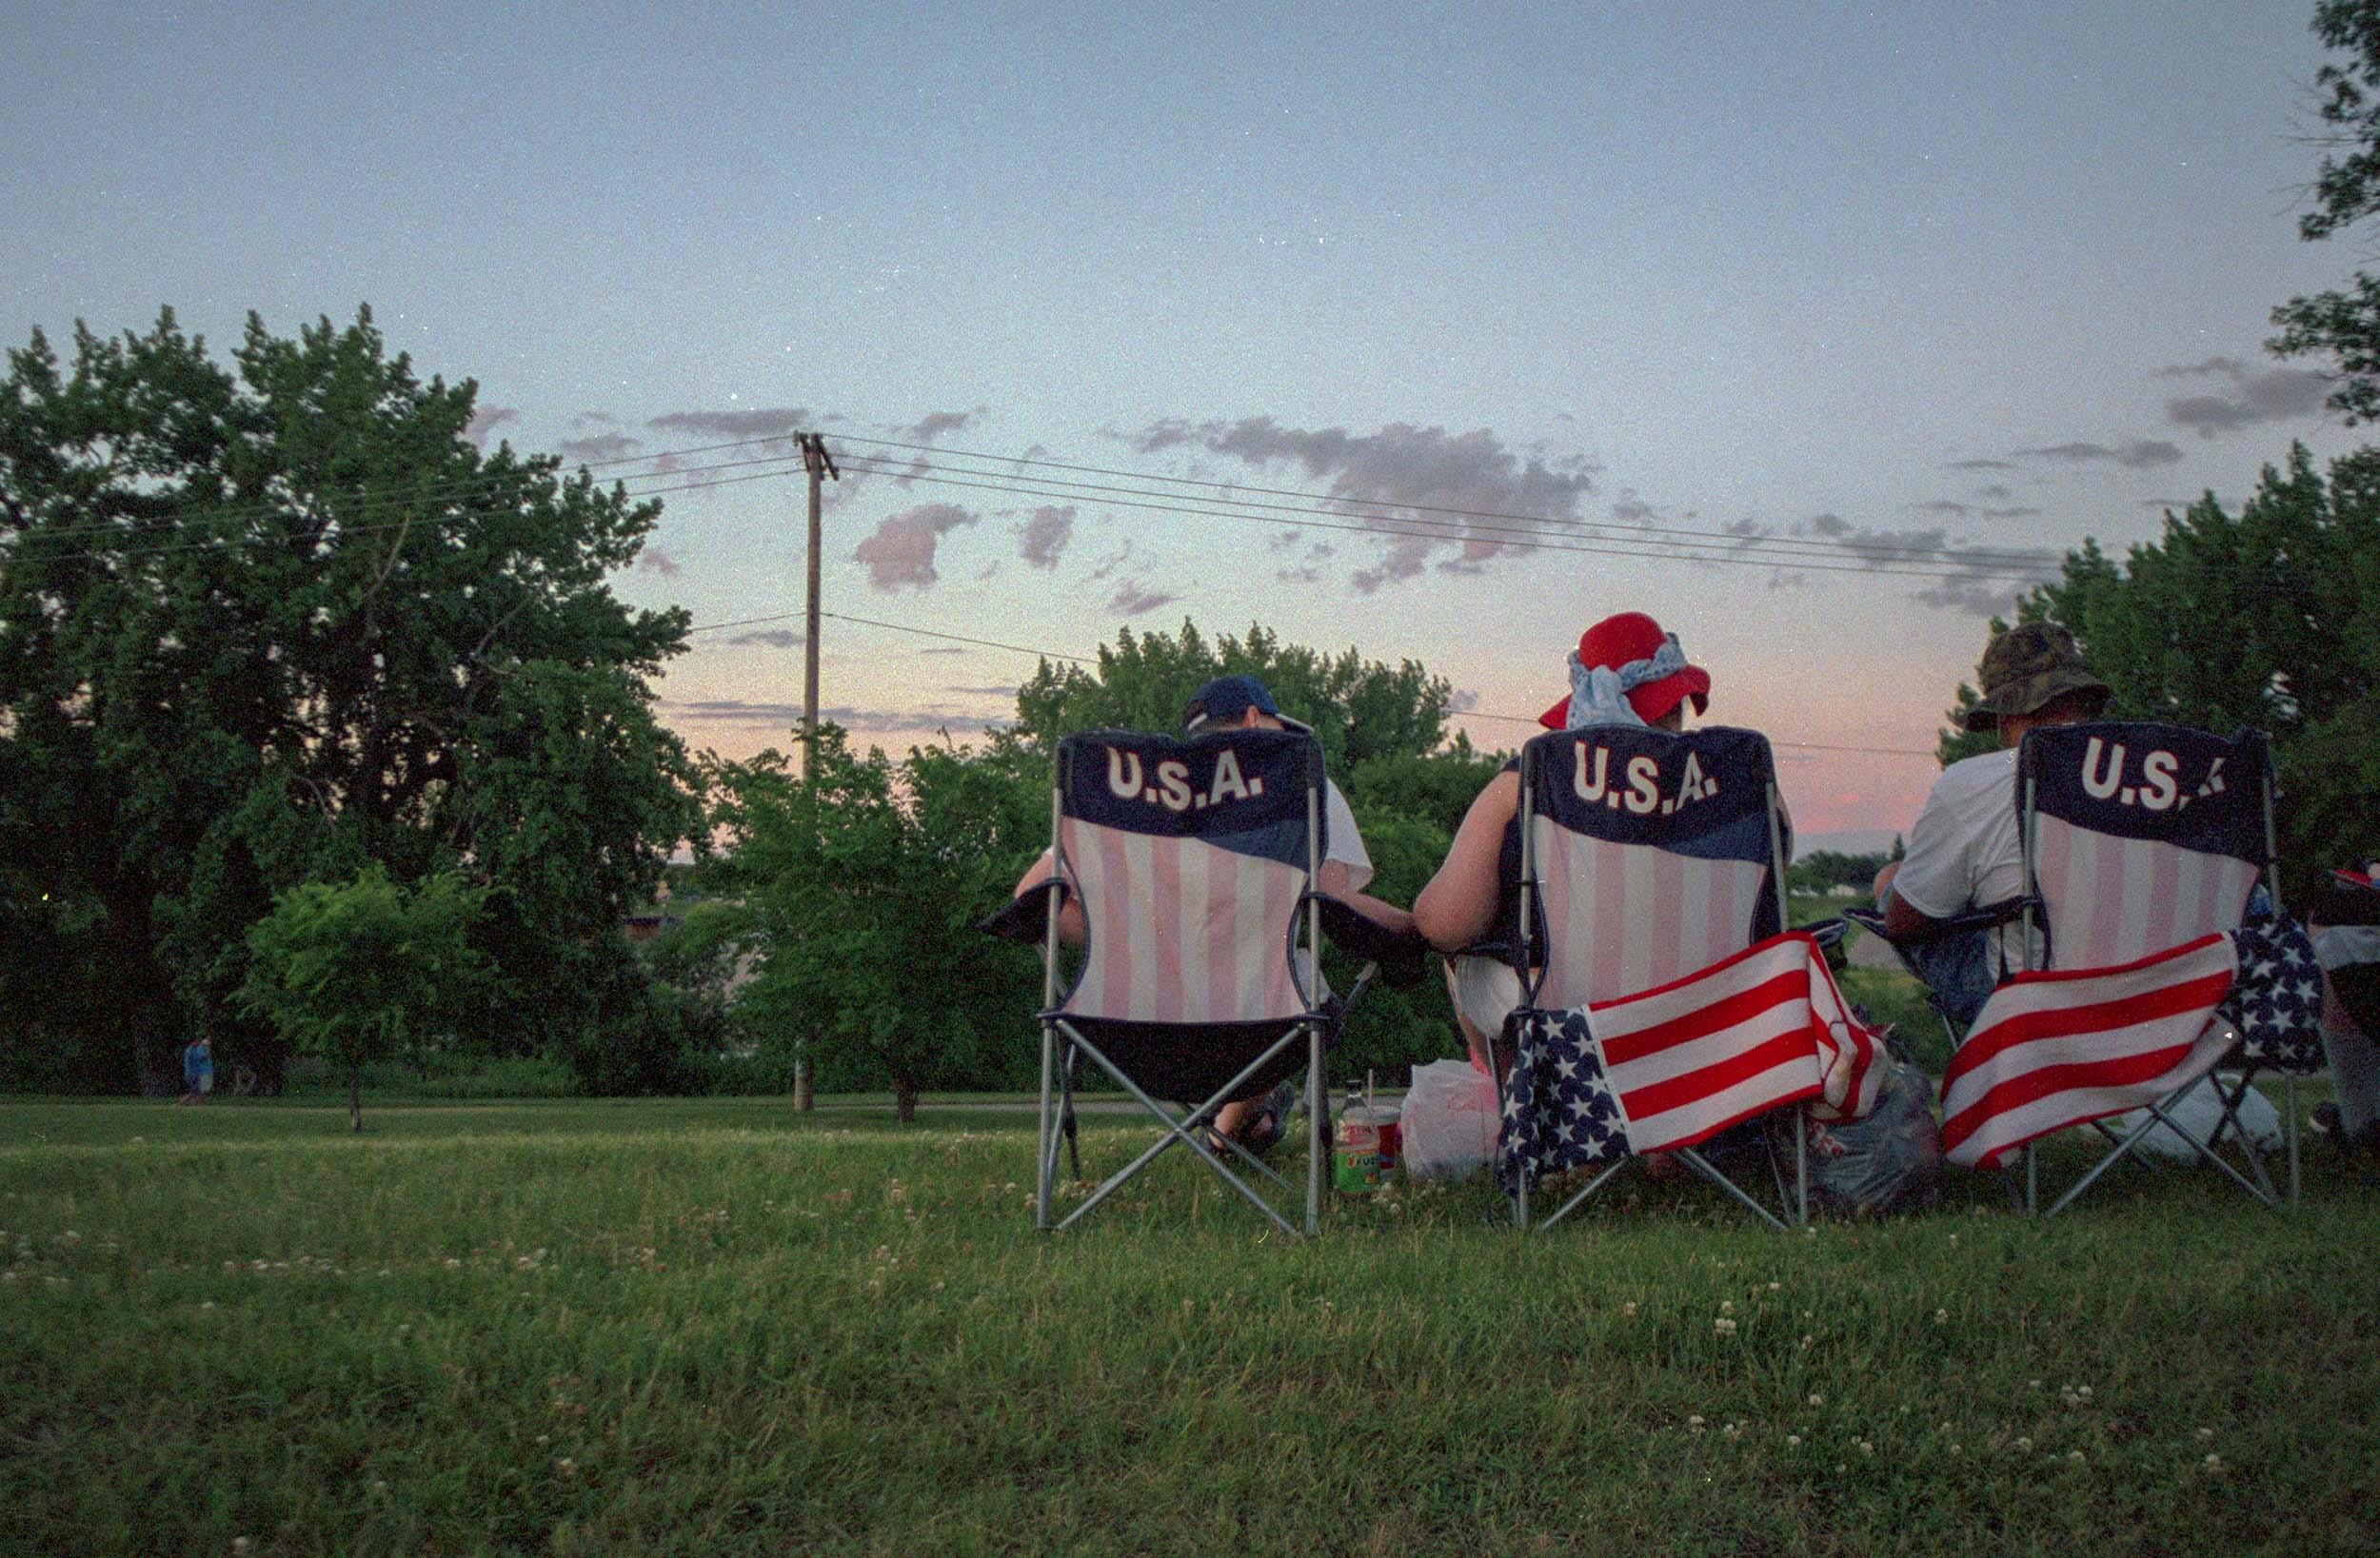 Waiting for Fireworks | Grand Forks, North Dakota 2016